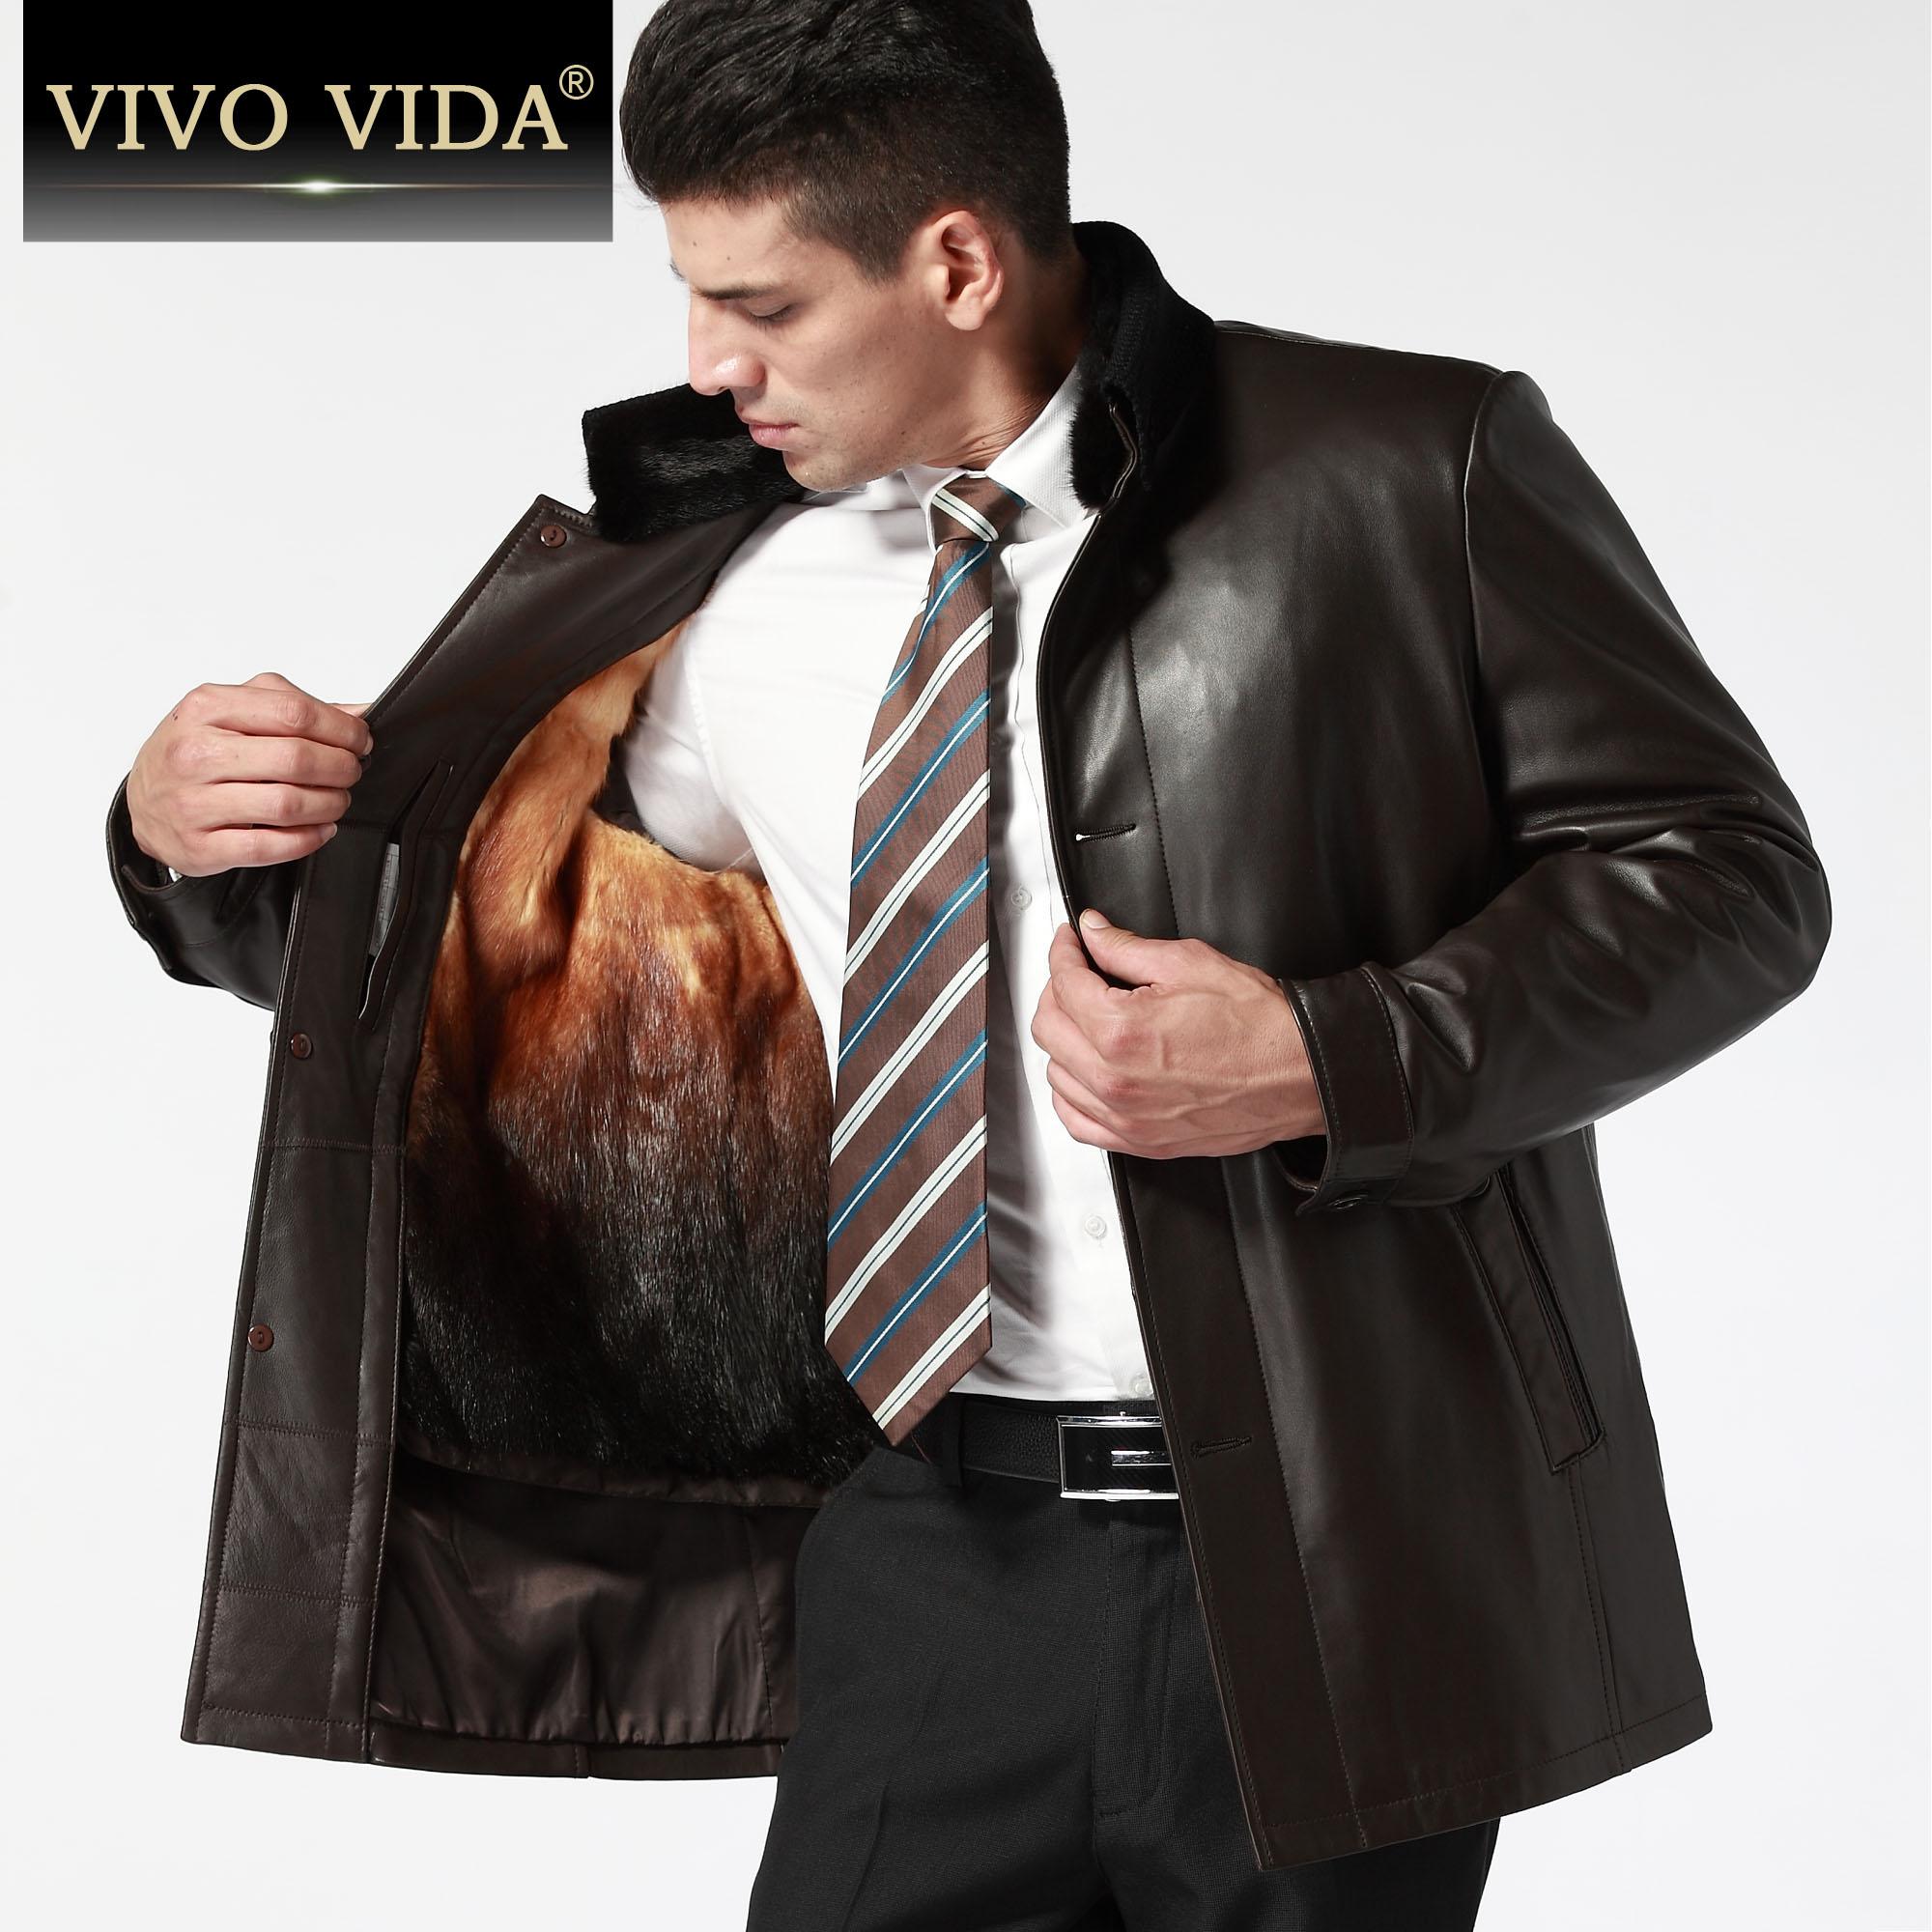 Одежда из кожи Vivovida d8826 С мехом Овечья кожа Зимняя Воротник-стойка